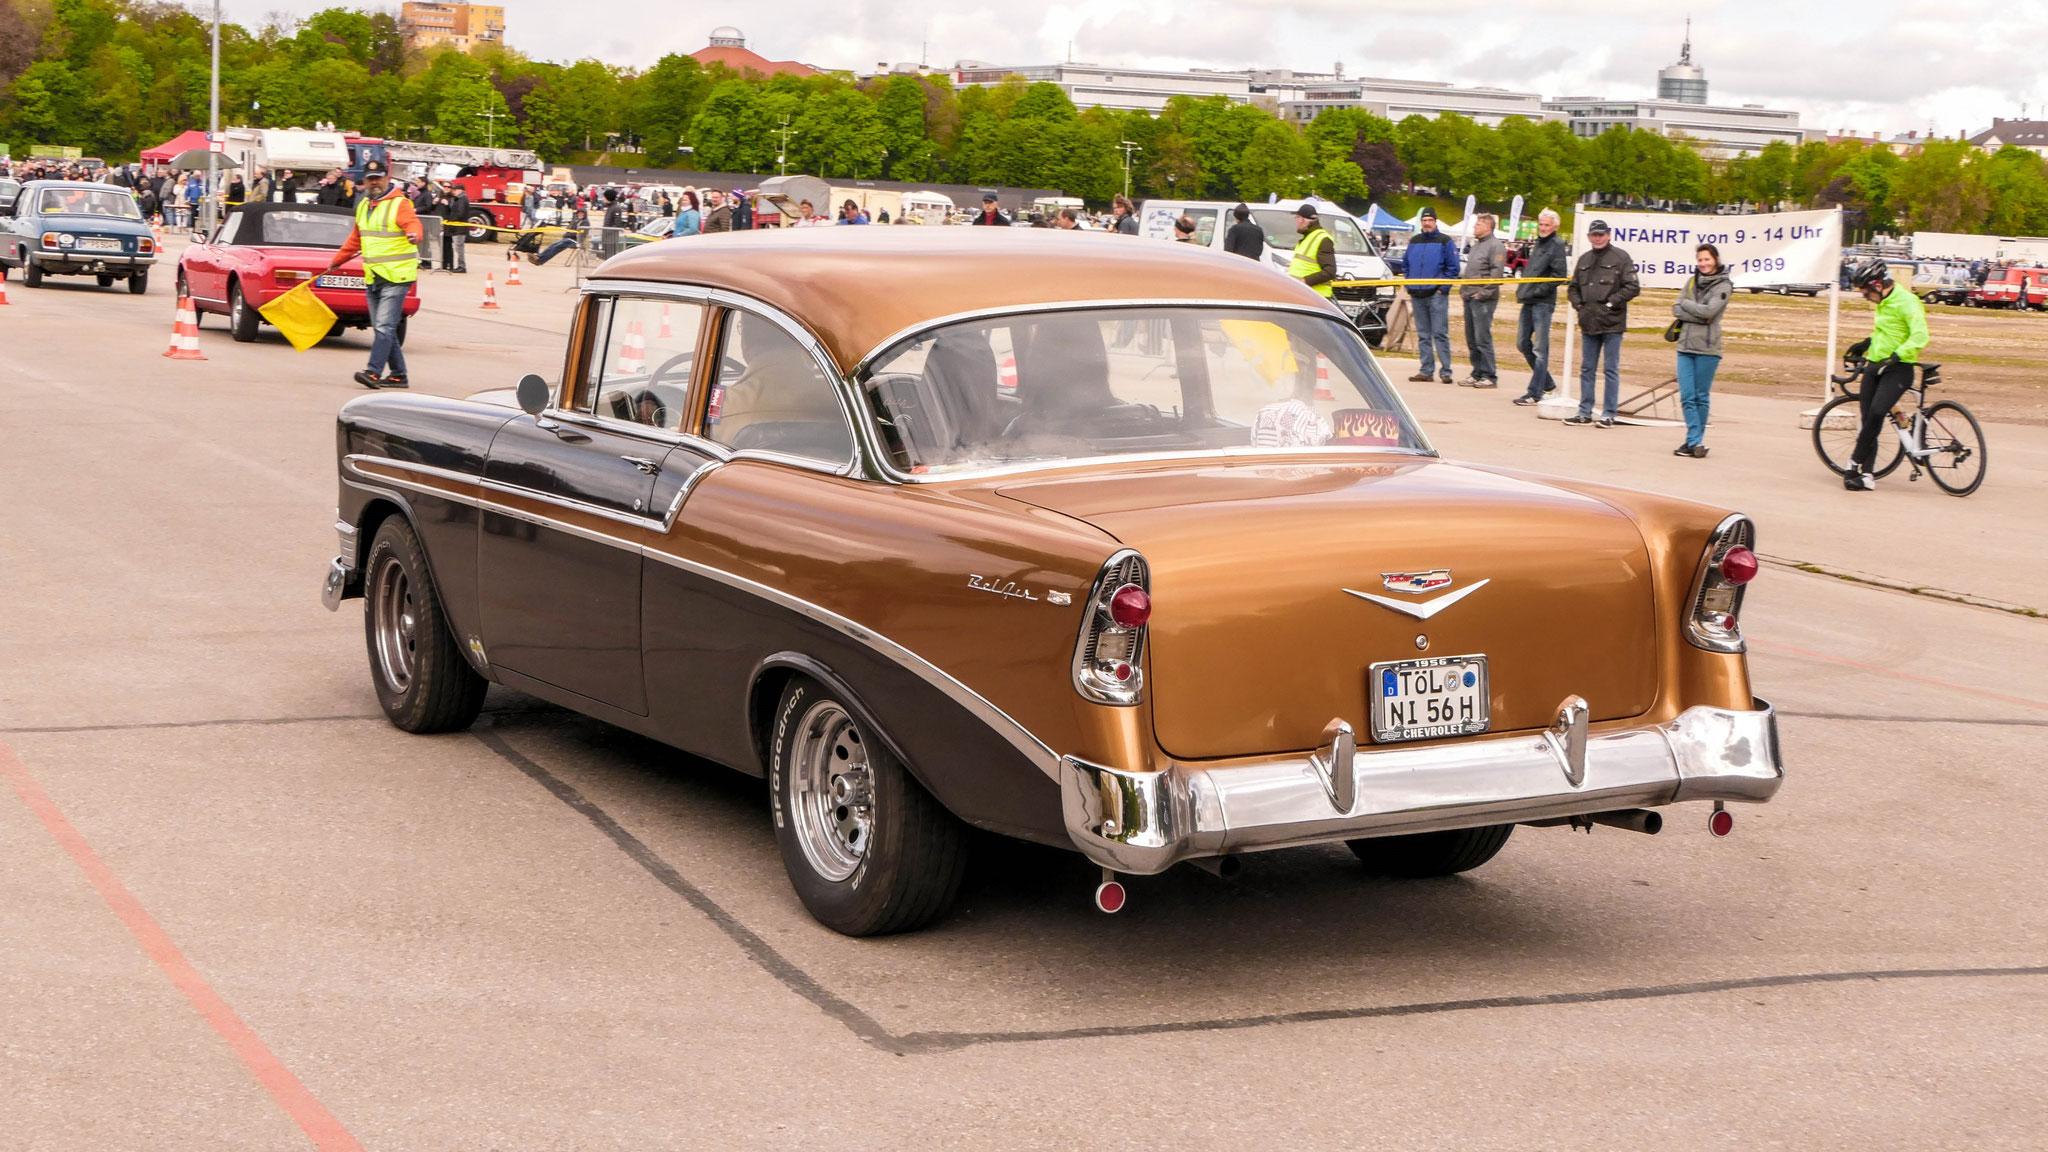 Chevrolet Bel Air - TÖL-NI-56H